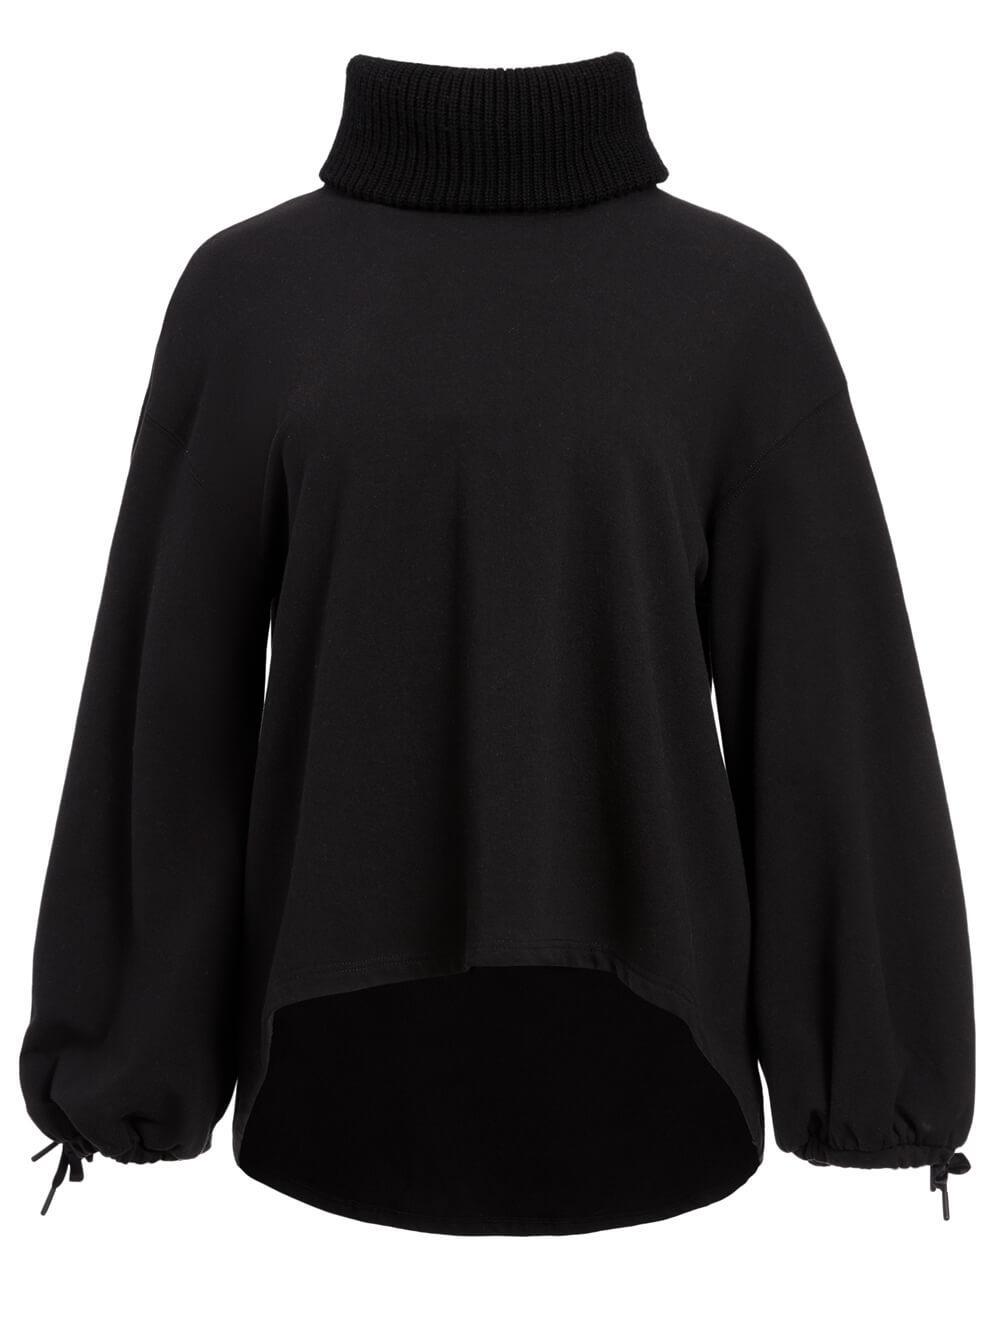 Mischa Turtleneck Sweatshirt